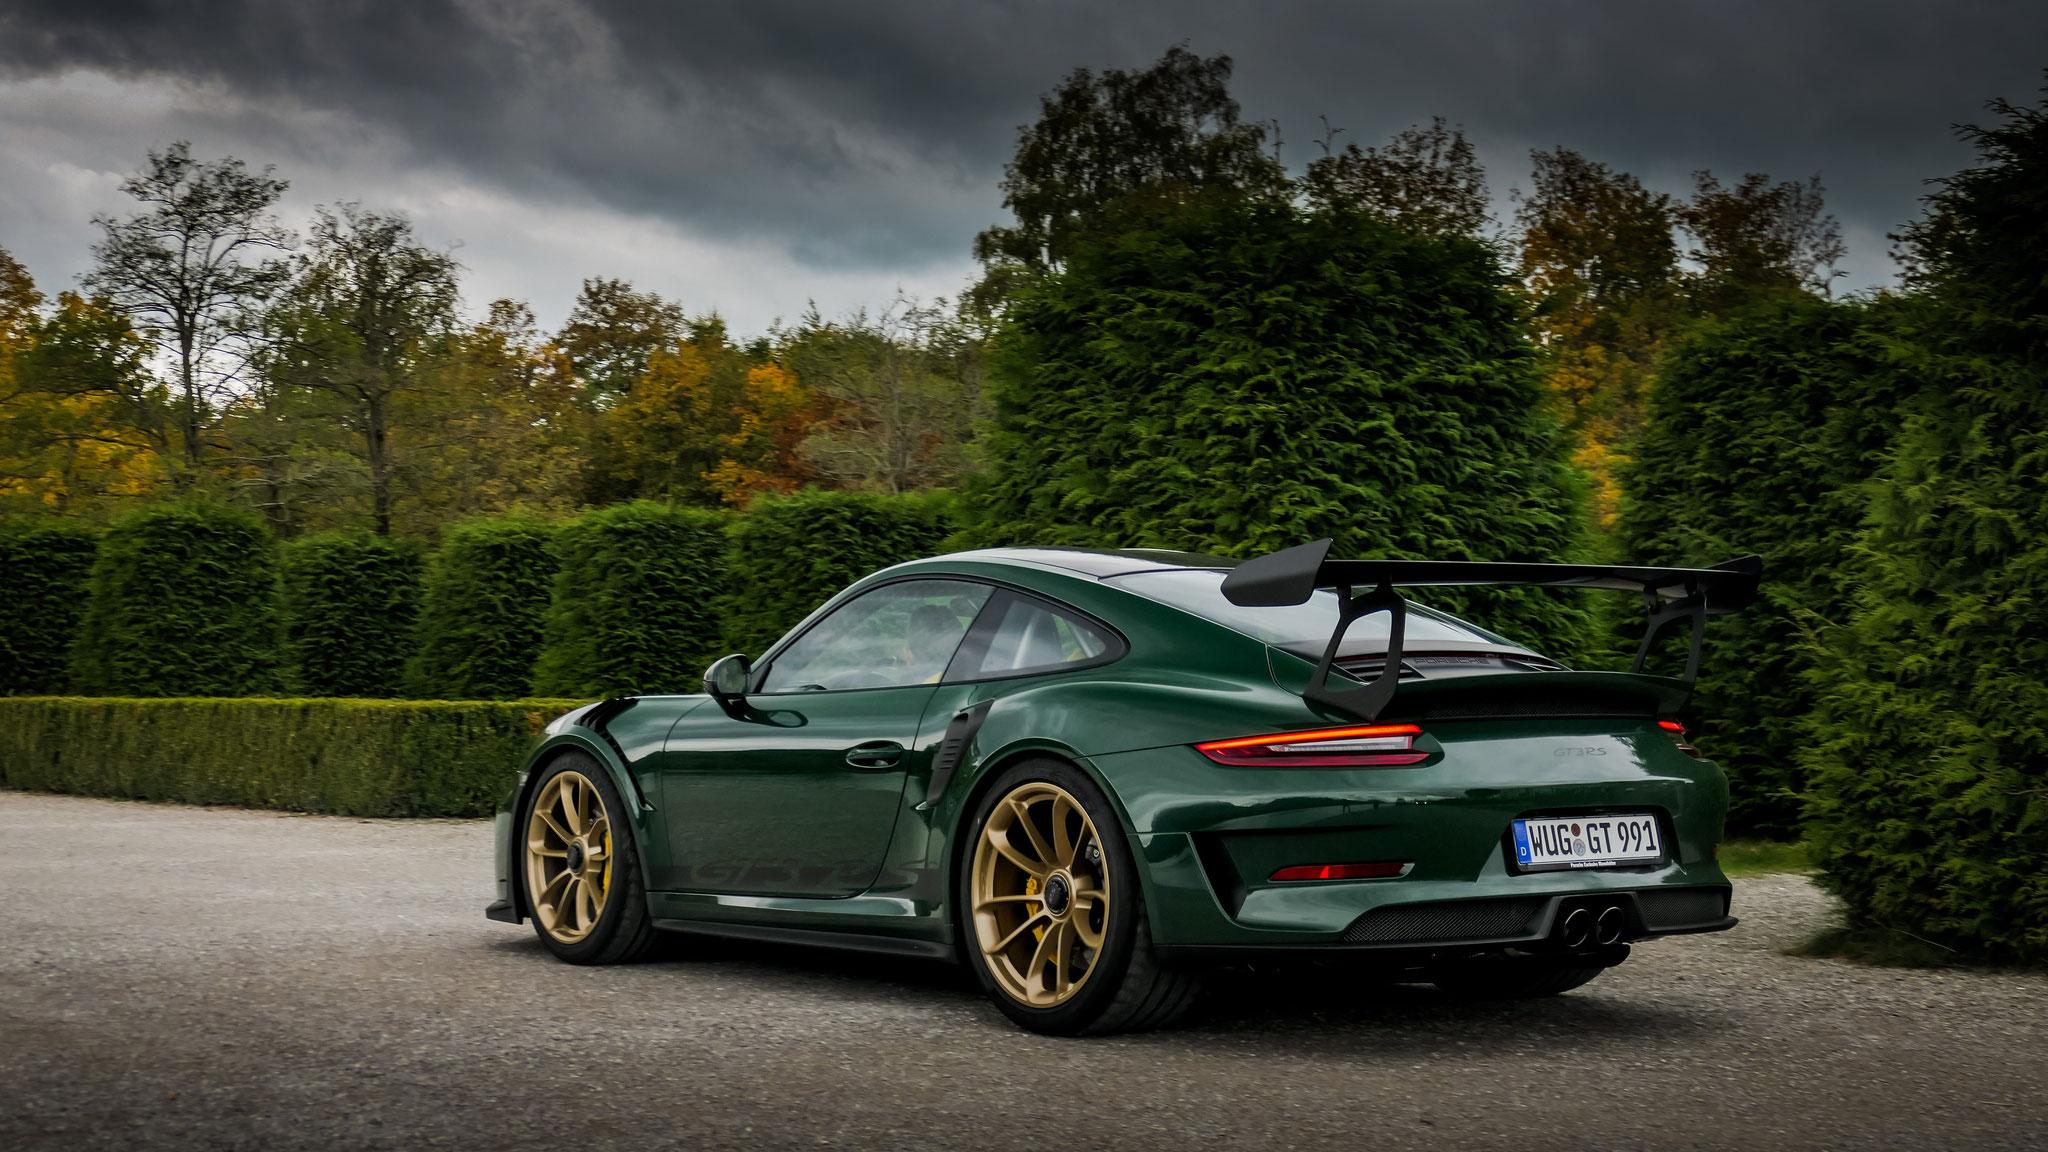 Porsche 911 991.2 GT3 RS - WUG-GT-991